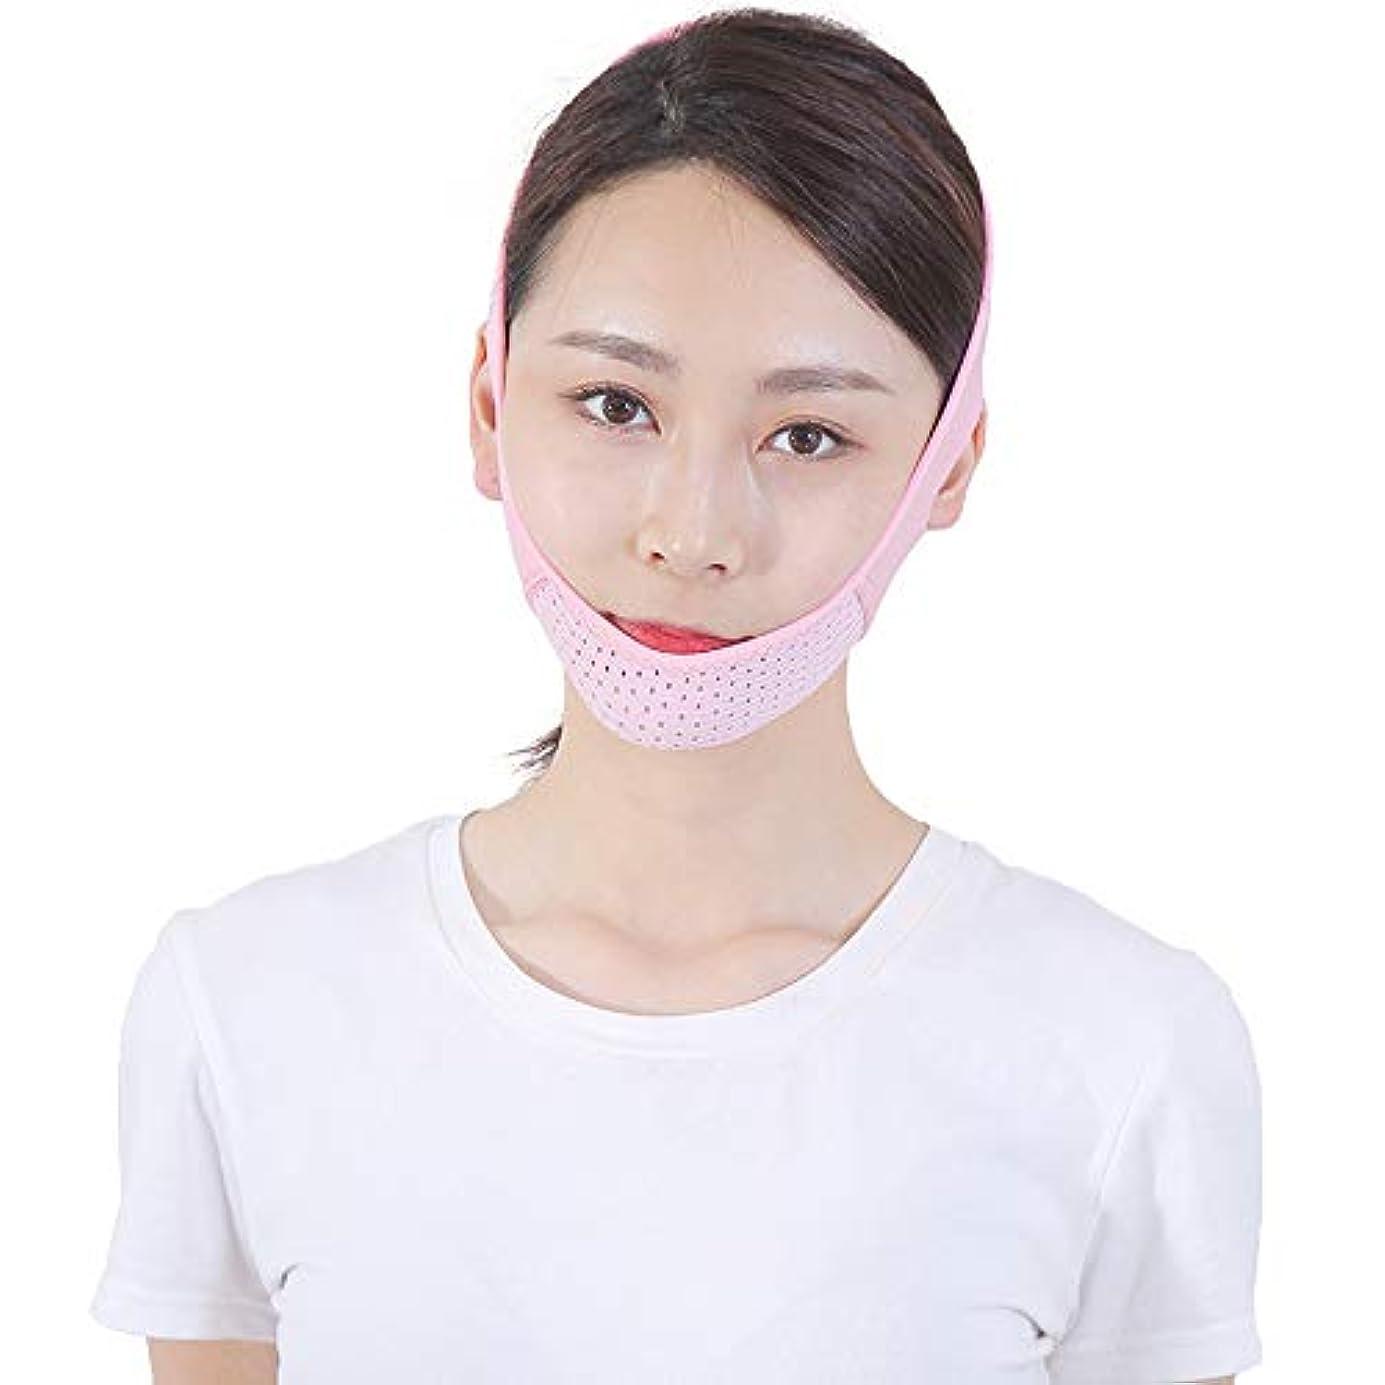 指標こどもの日キャンペーン薄い顔のベルト - 薄い顔のベルト通気性のある顔の包帯ダブルチンの顔リフトの人工物Vのフェイスベルト薄い顔のマスク